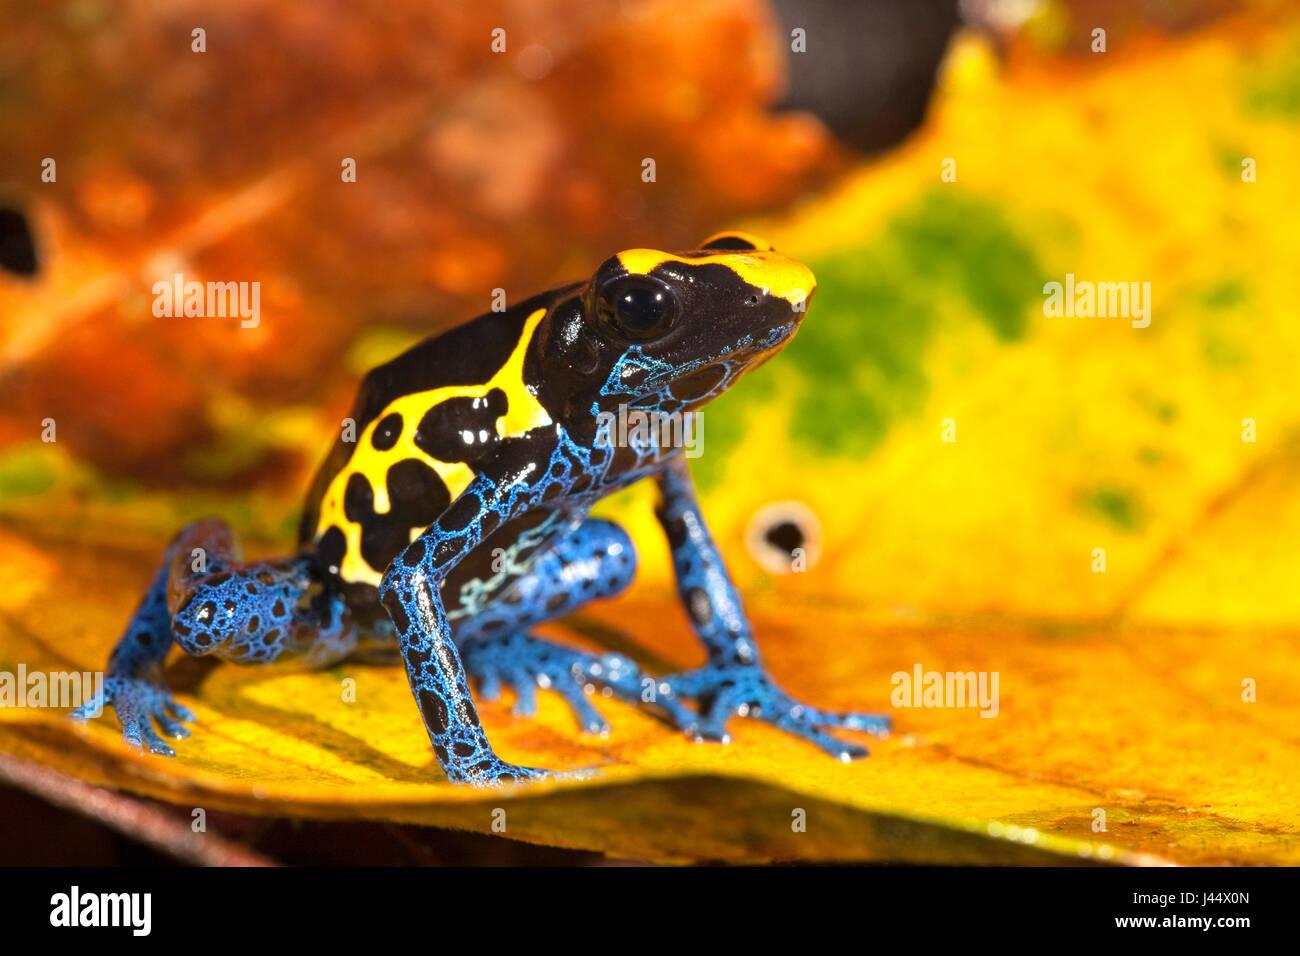 Foto vom färben Dart Frosch auf dem Waldboden zwischen farbige Blätter Stockbild